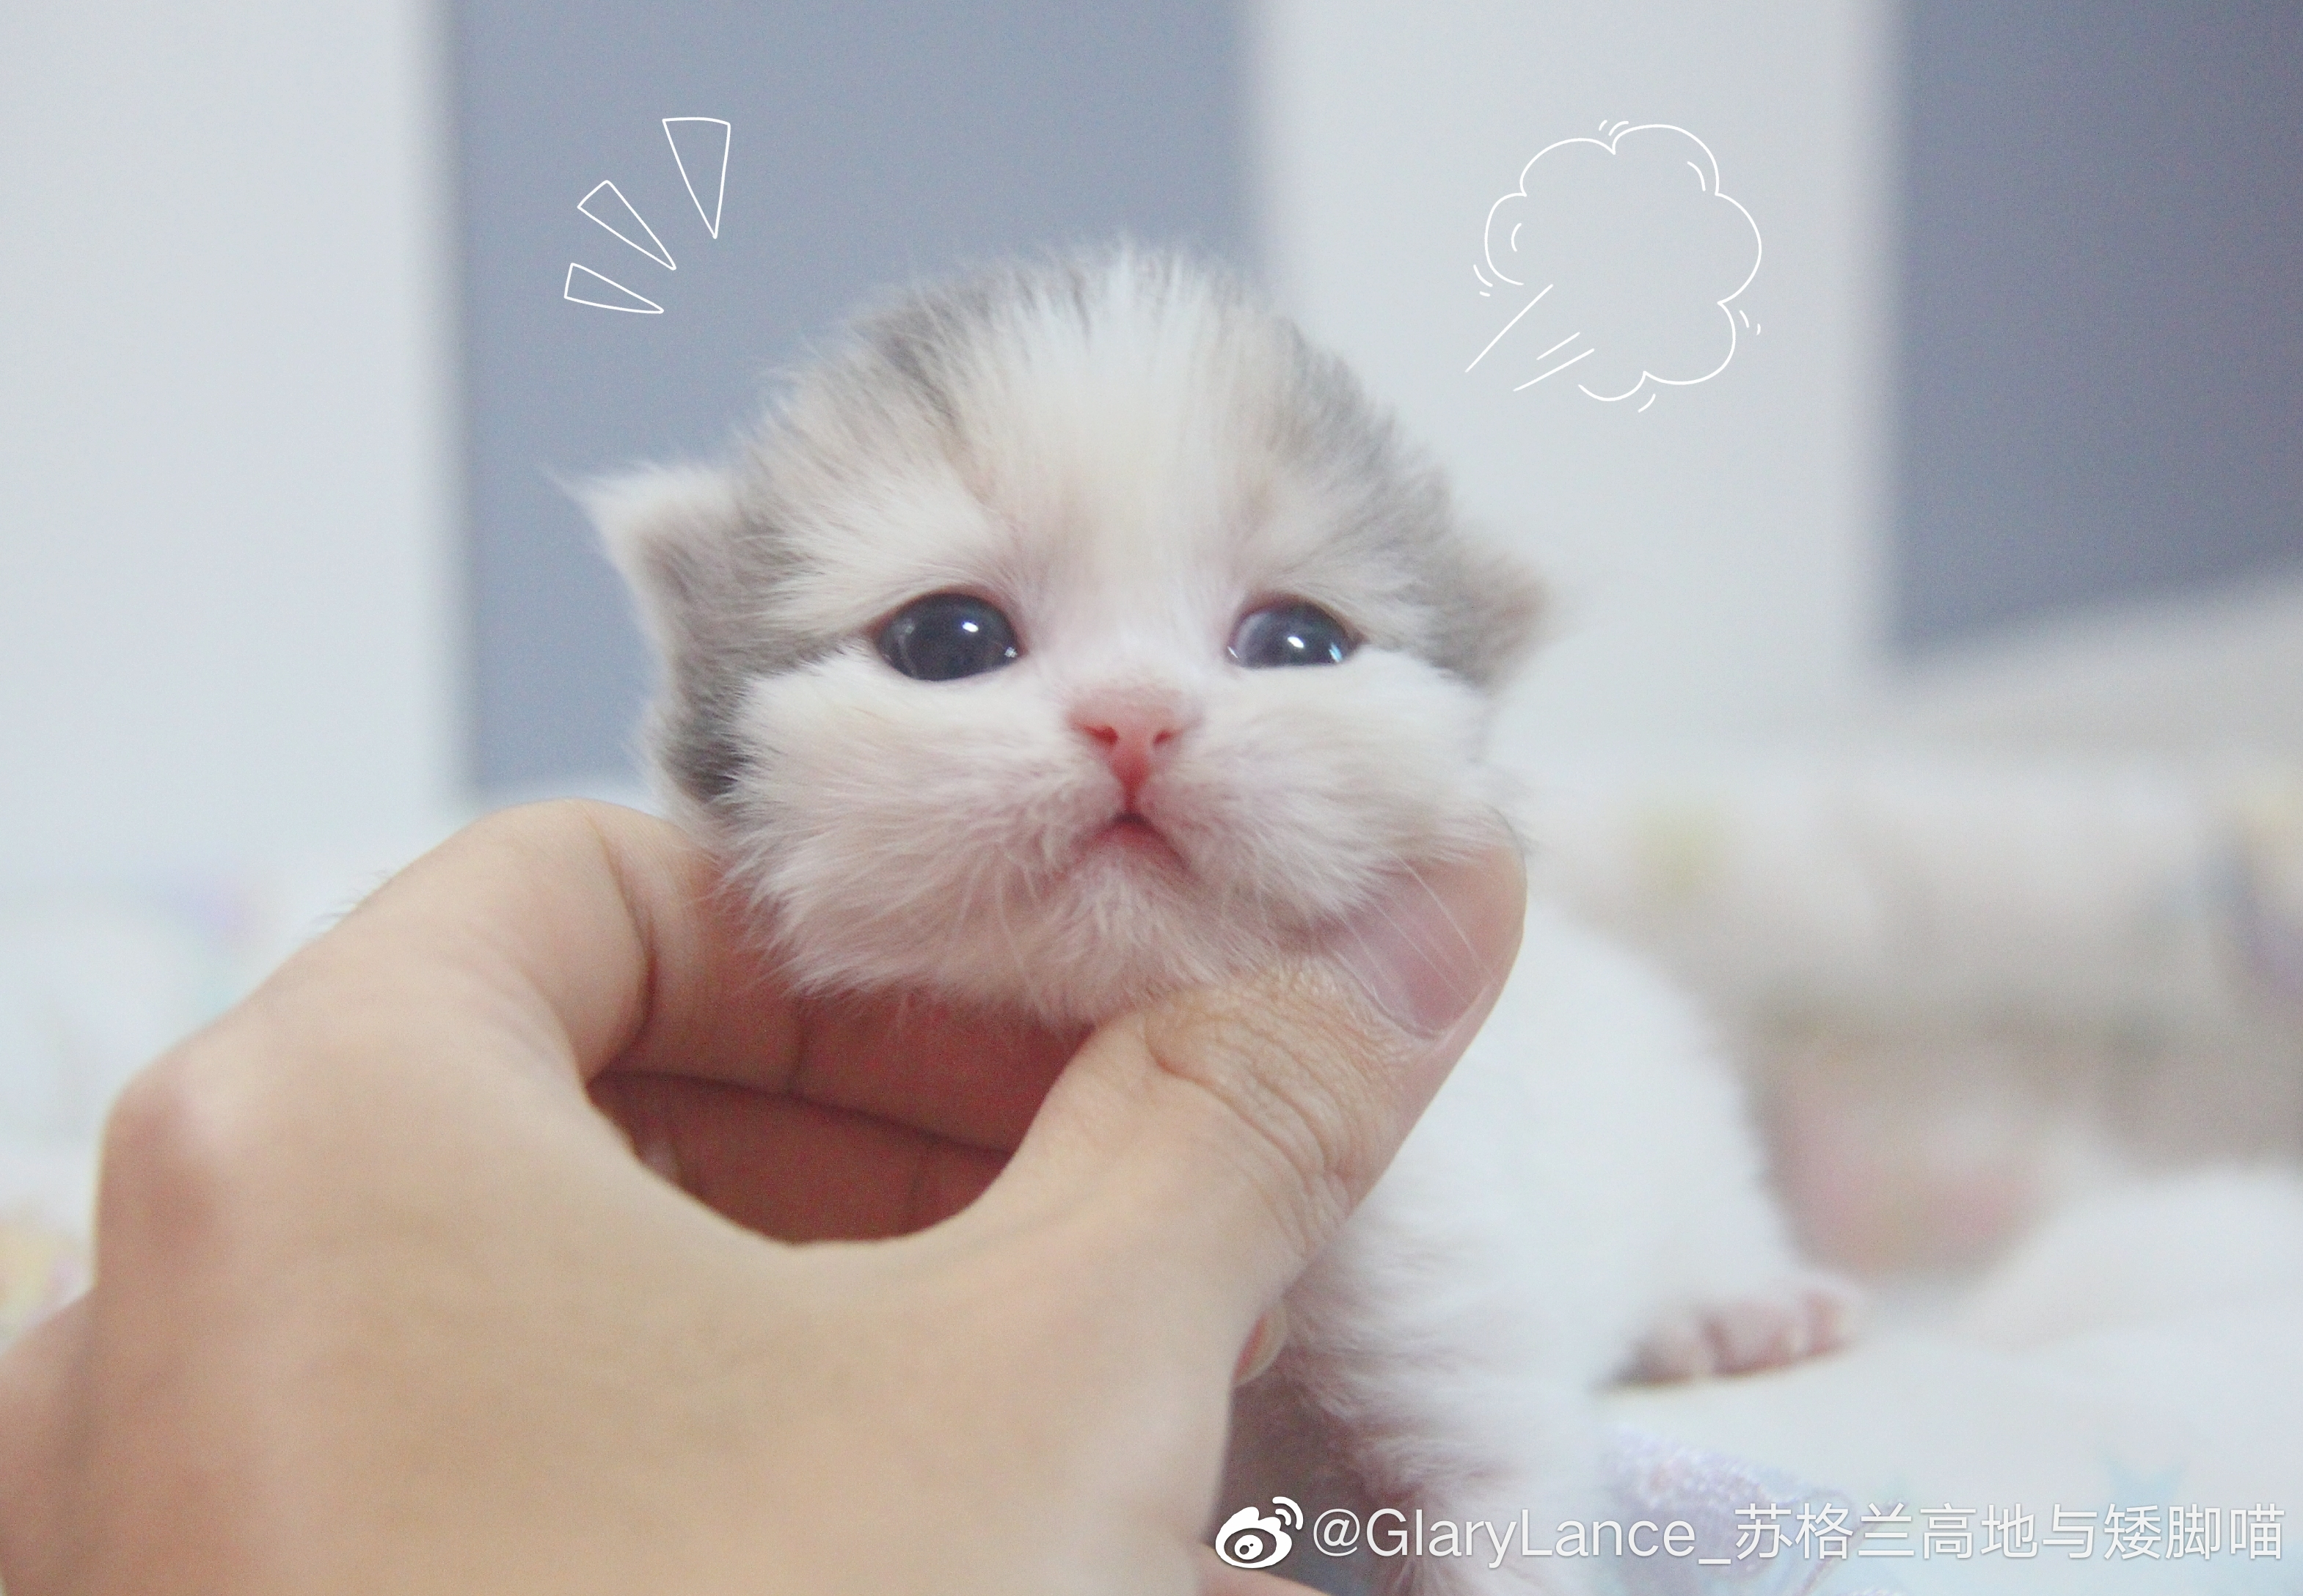 云吸猫的云是什么意思?云吸猫为什么被年轻人选择